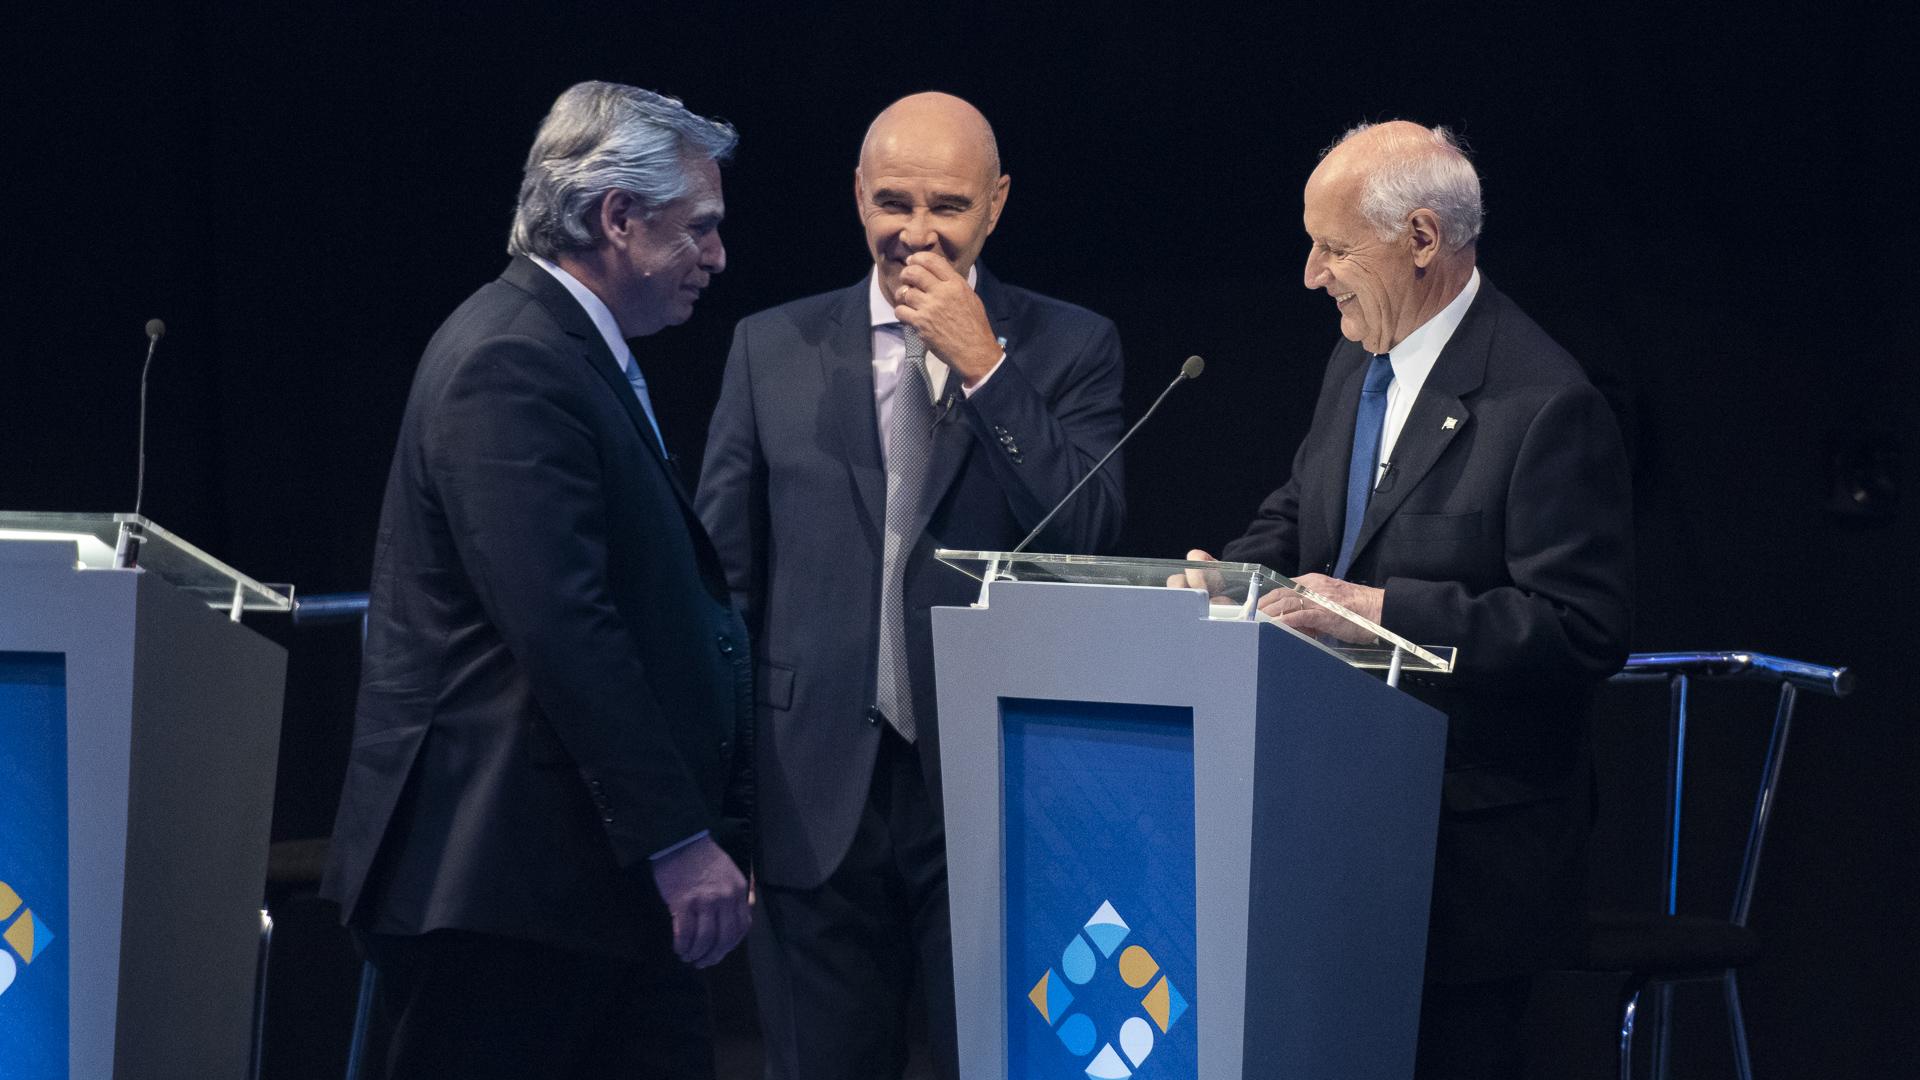 Alberto Fernández, Juan José Gómez Centurión y Roberto Lavagna durante uno de los cortes del debate